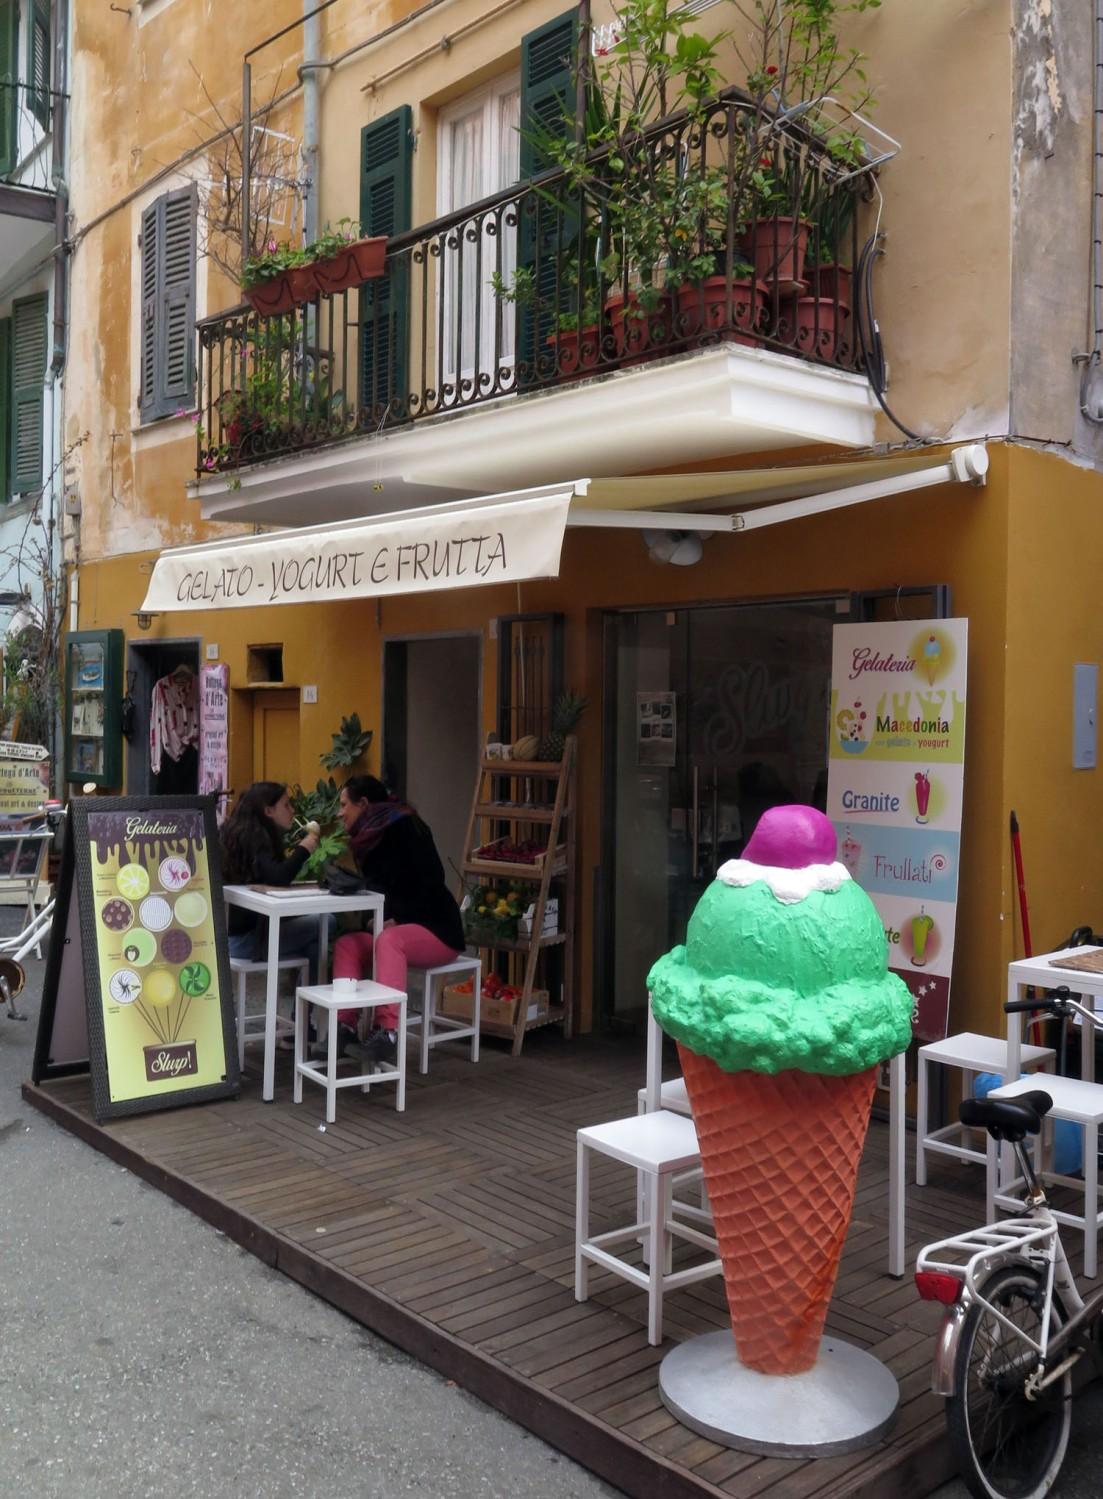 Italy-Cinque-Terre-Street-Scenes-Gelato